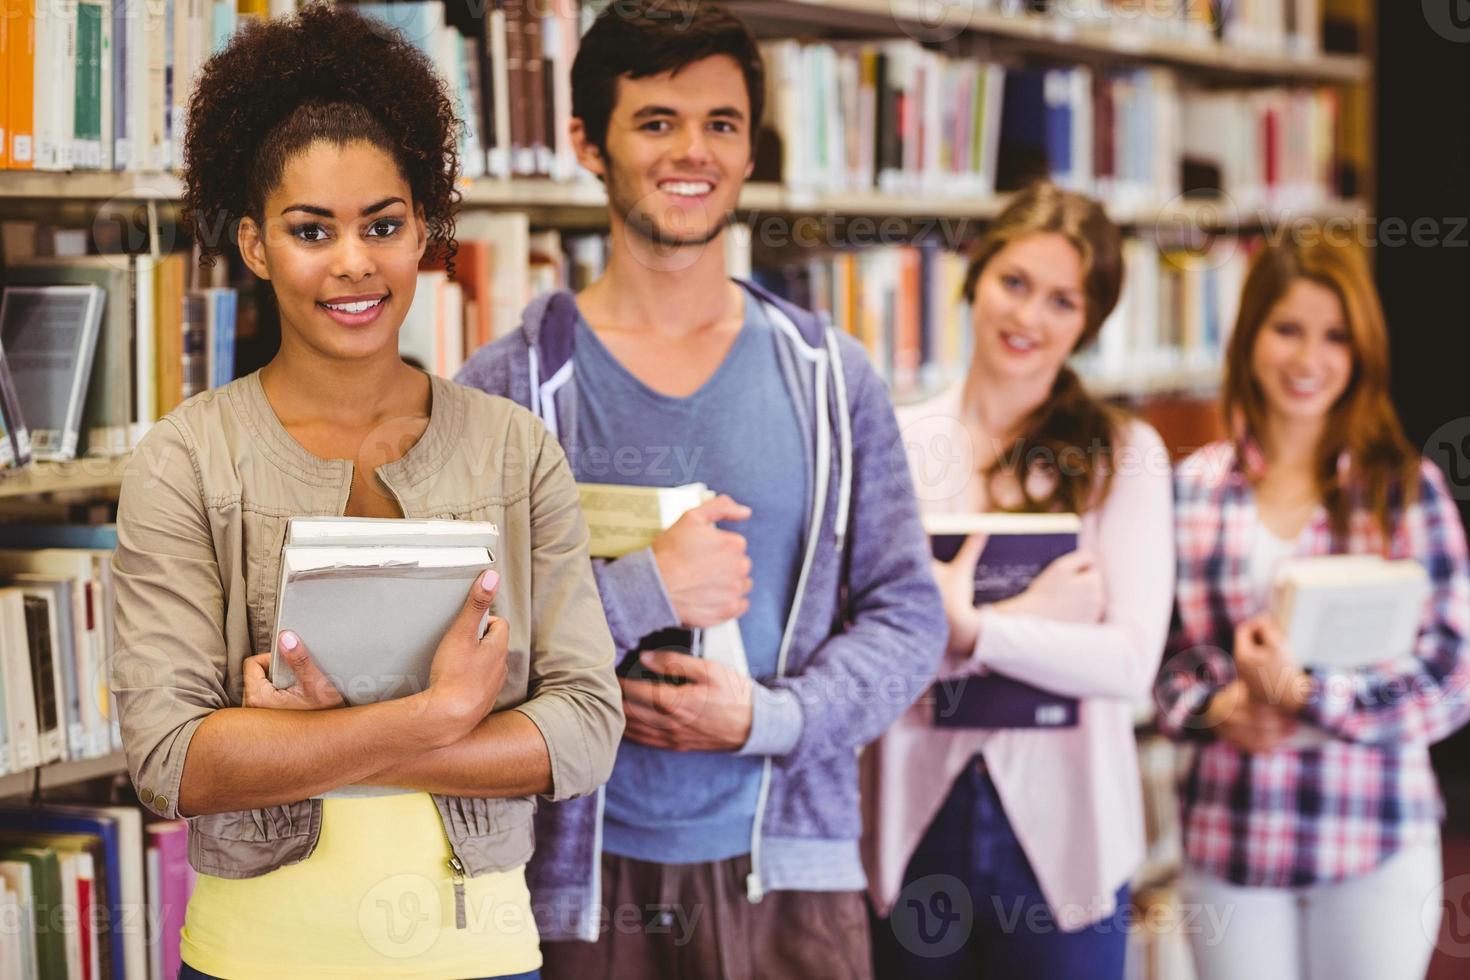 estudiantes felices con libros en fila foto